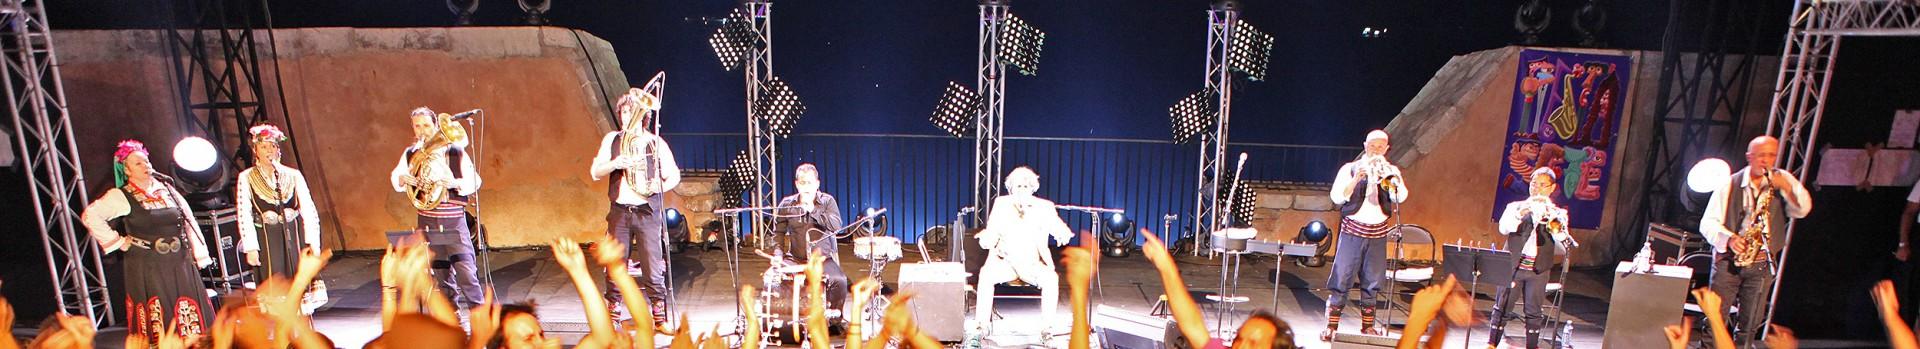 théâtre de la mer Sète festivals